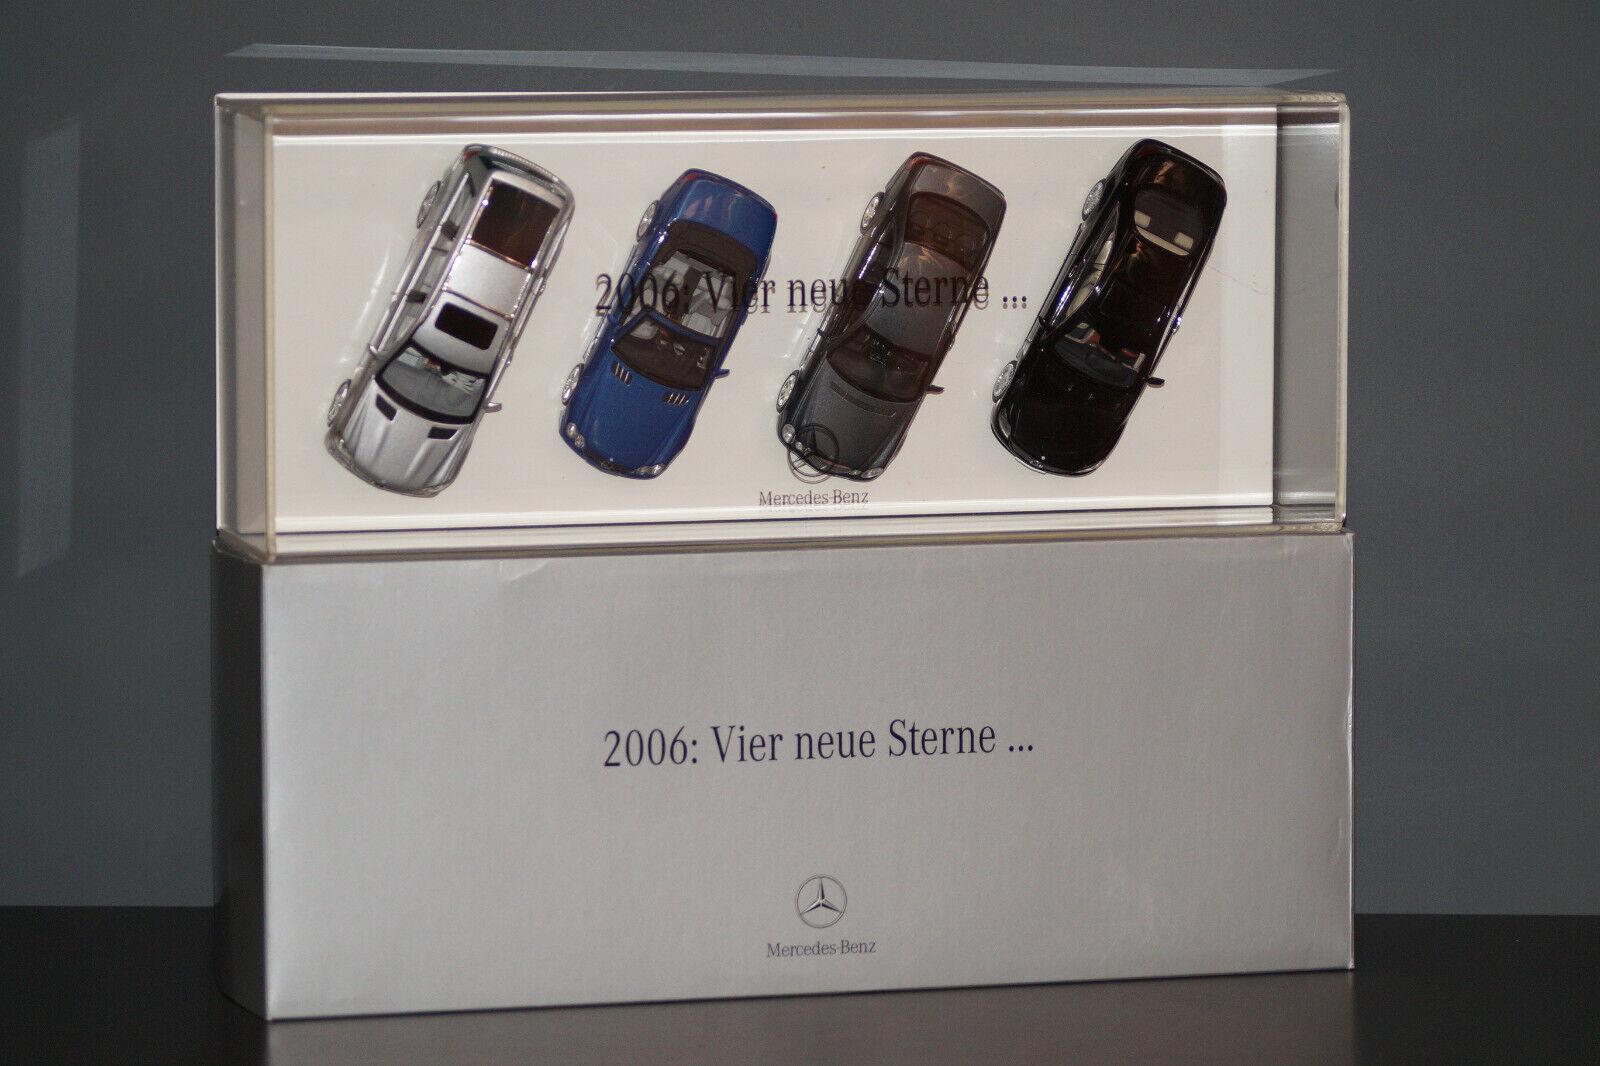 Mercedes Benz 2006  Quatre nouvelles étoiles... GL SL E CL Classe Lim 1 OF 550 1 43 PROMO